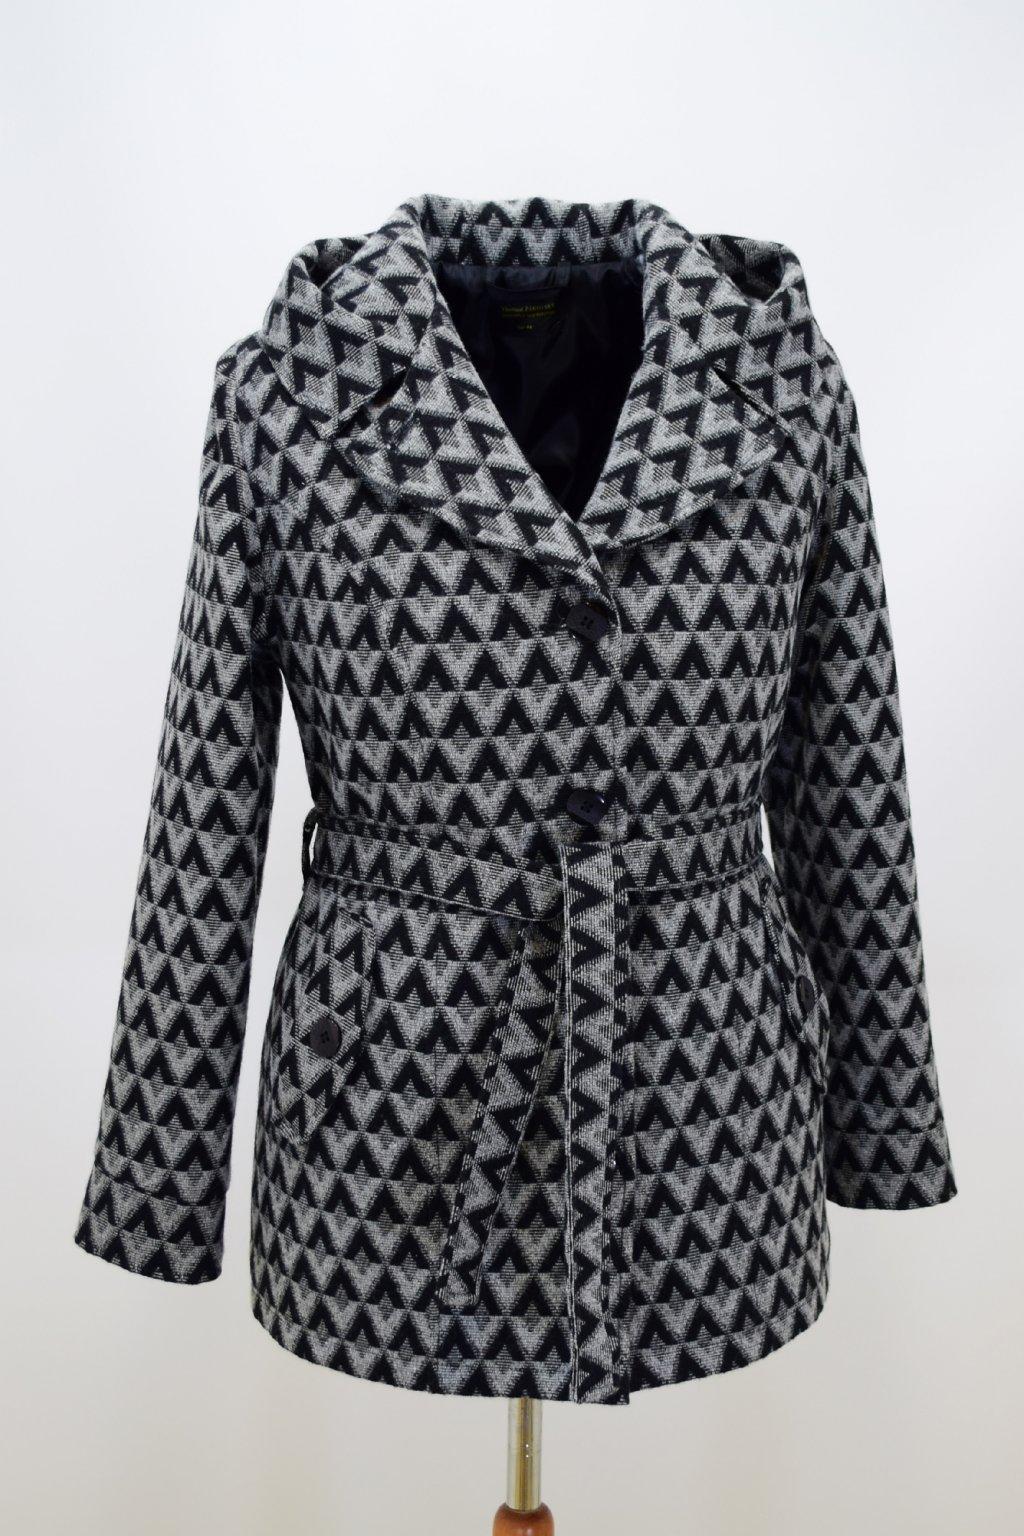 Dámský šedý kostkovaný zimní kabátek Aneta nadměrné velikosti.